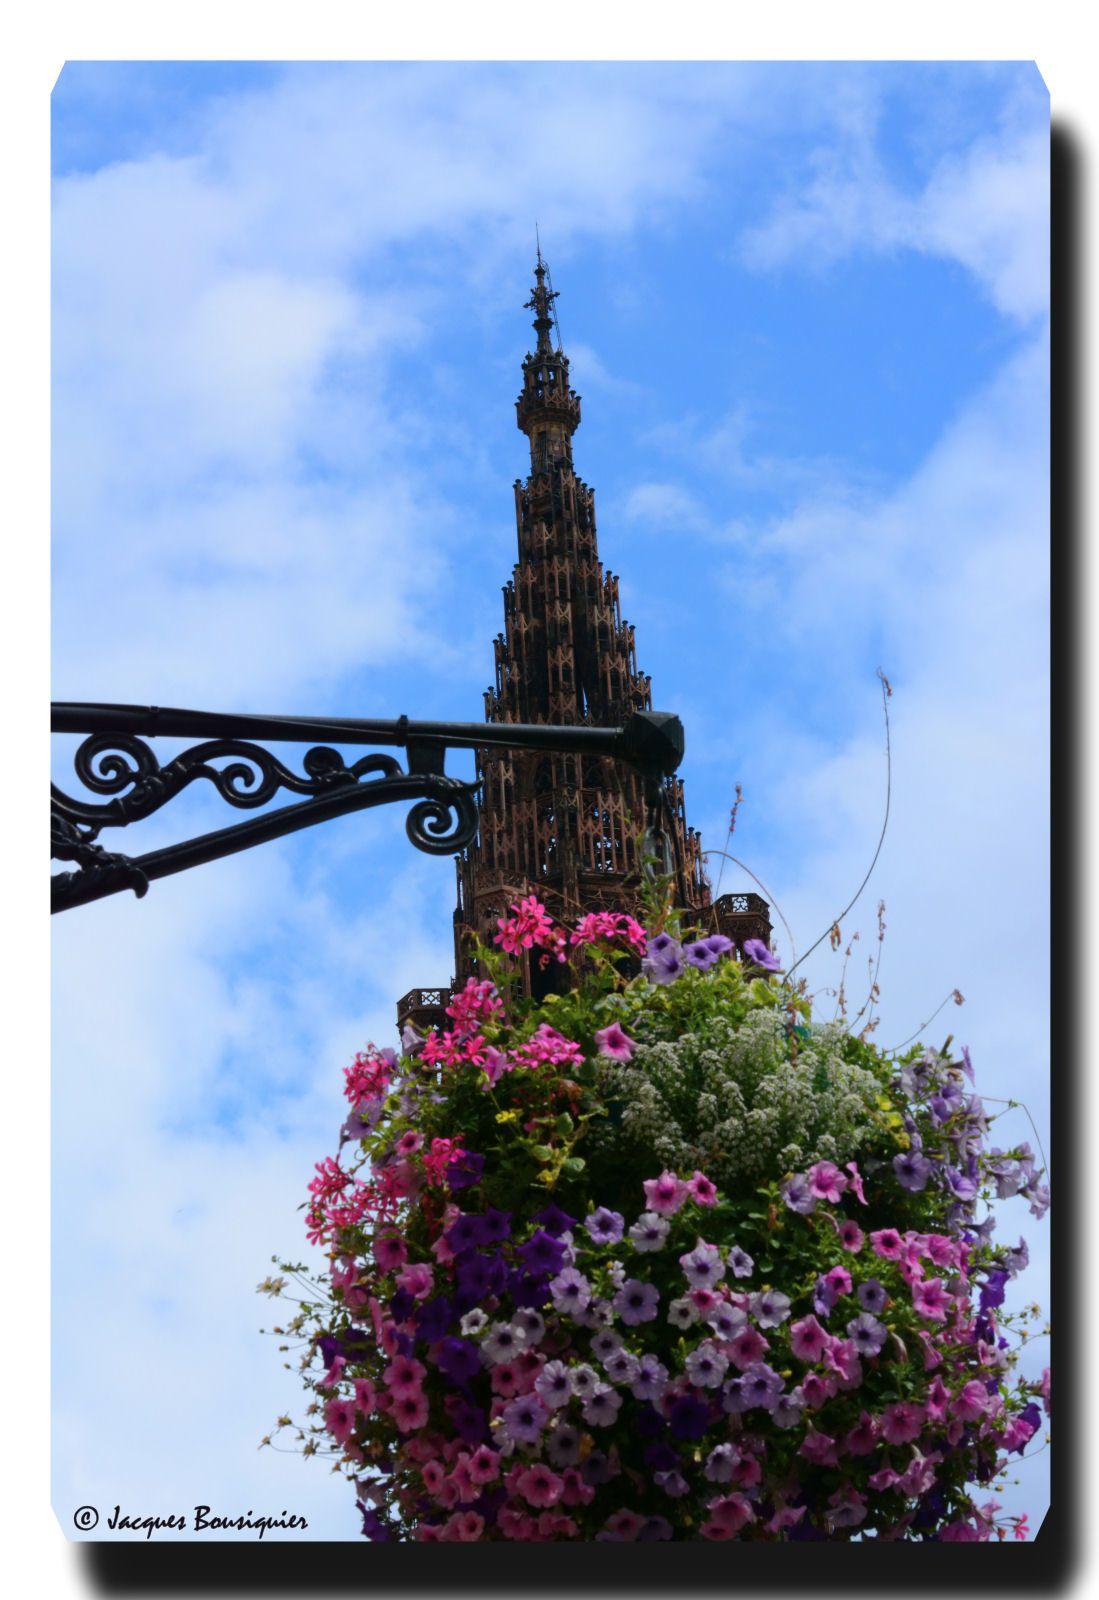 Composition remarquable et remarquée cet après-midi à Strasbourg